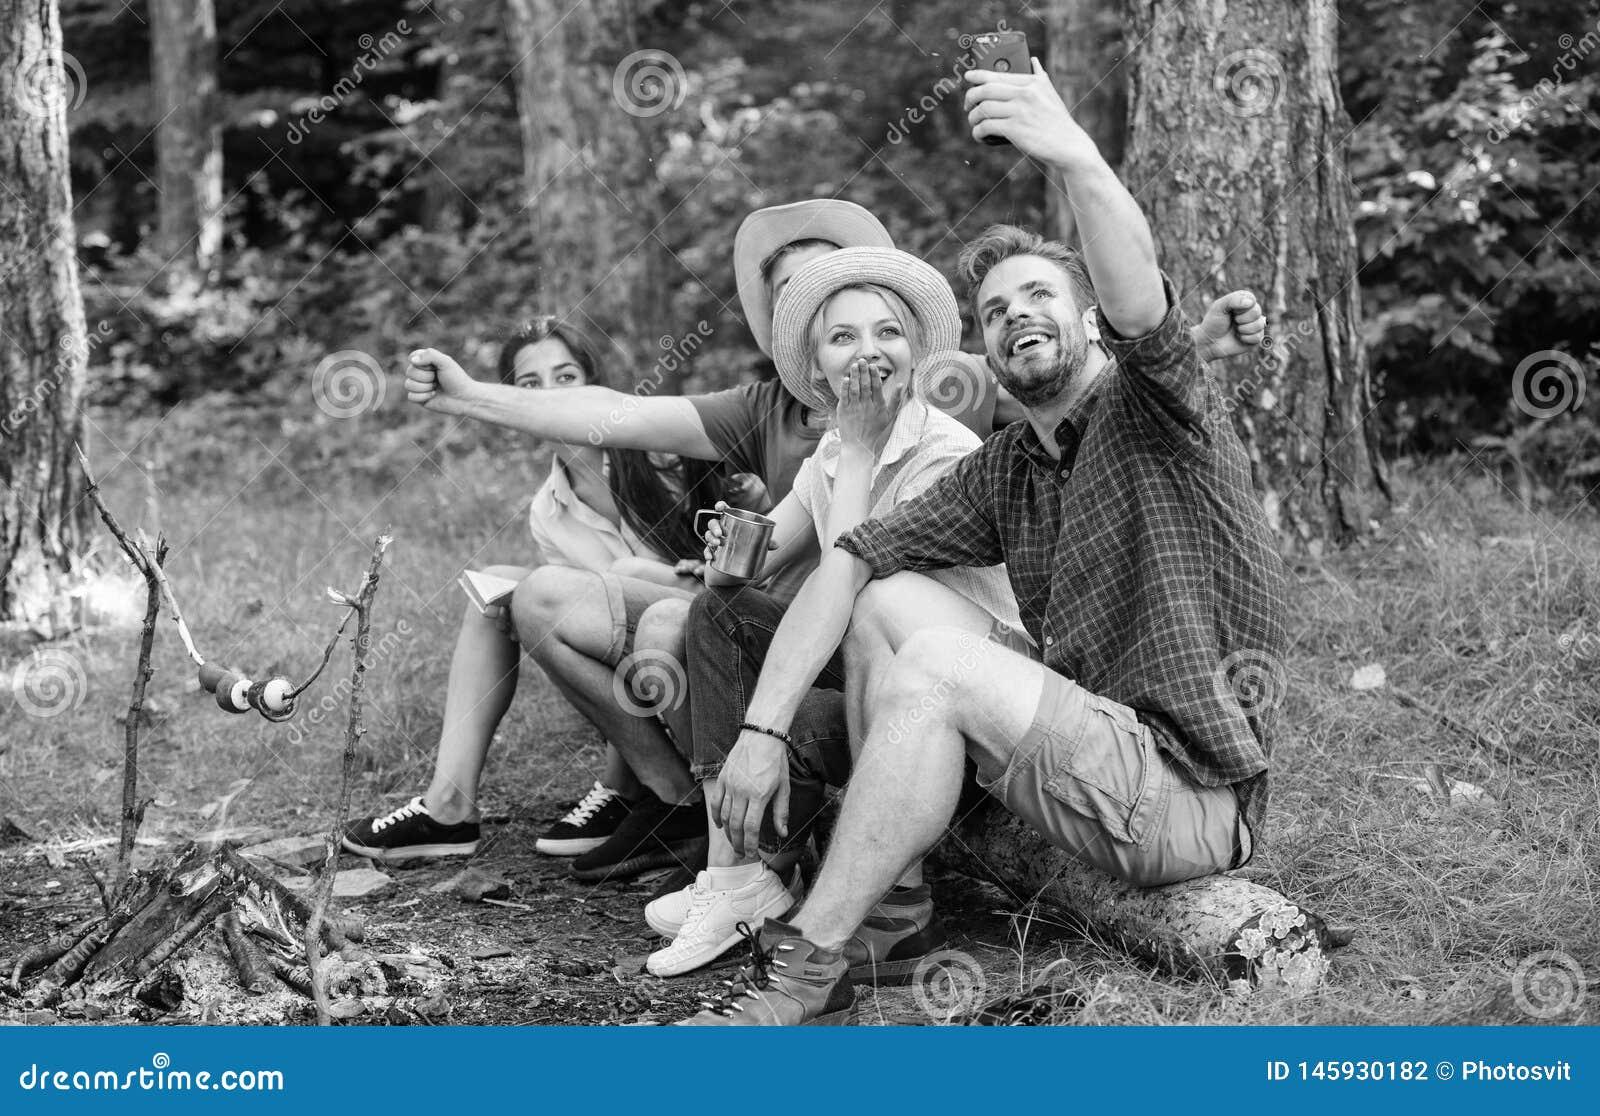 Друзья около костра наслаждаются каникулами и зажаренной в духовке едой Туристы сидят журнал около костра принимая смартфон фото